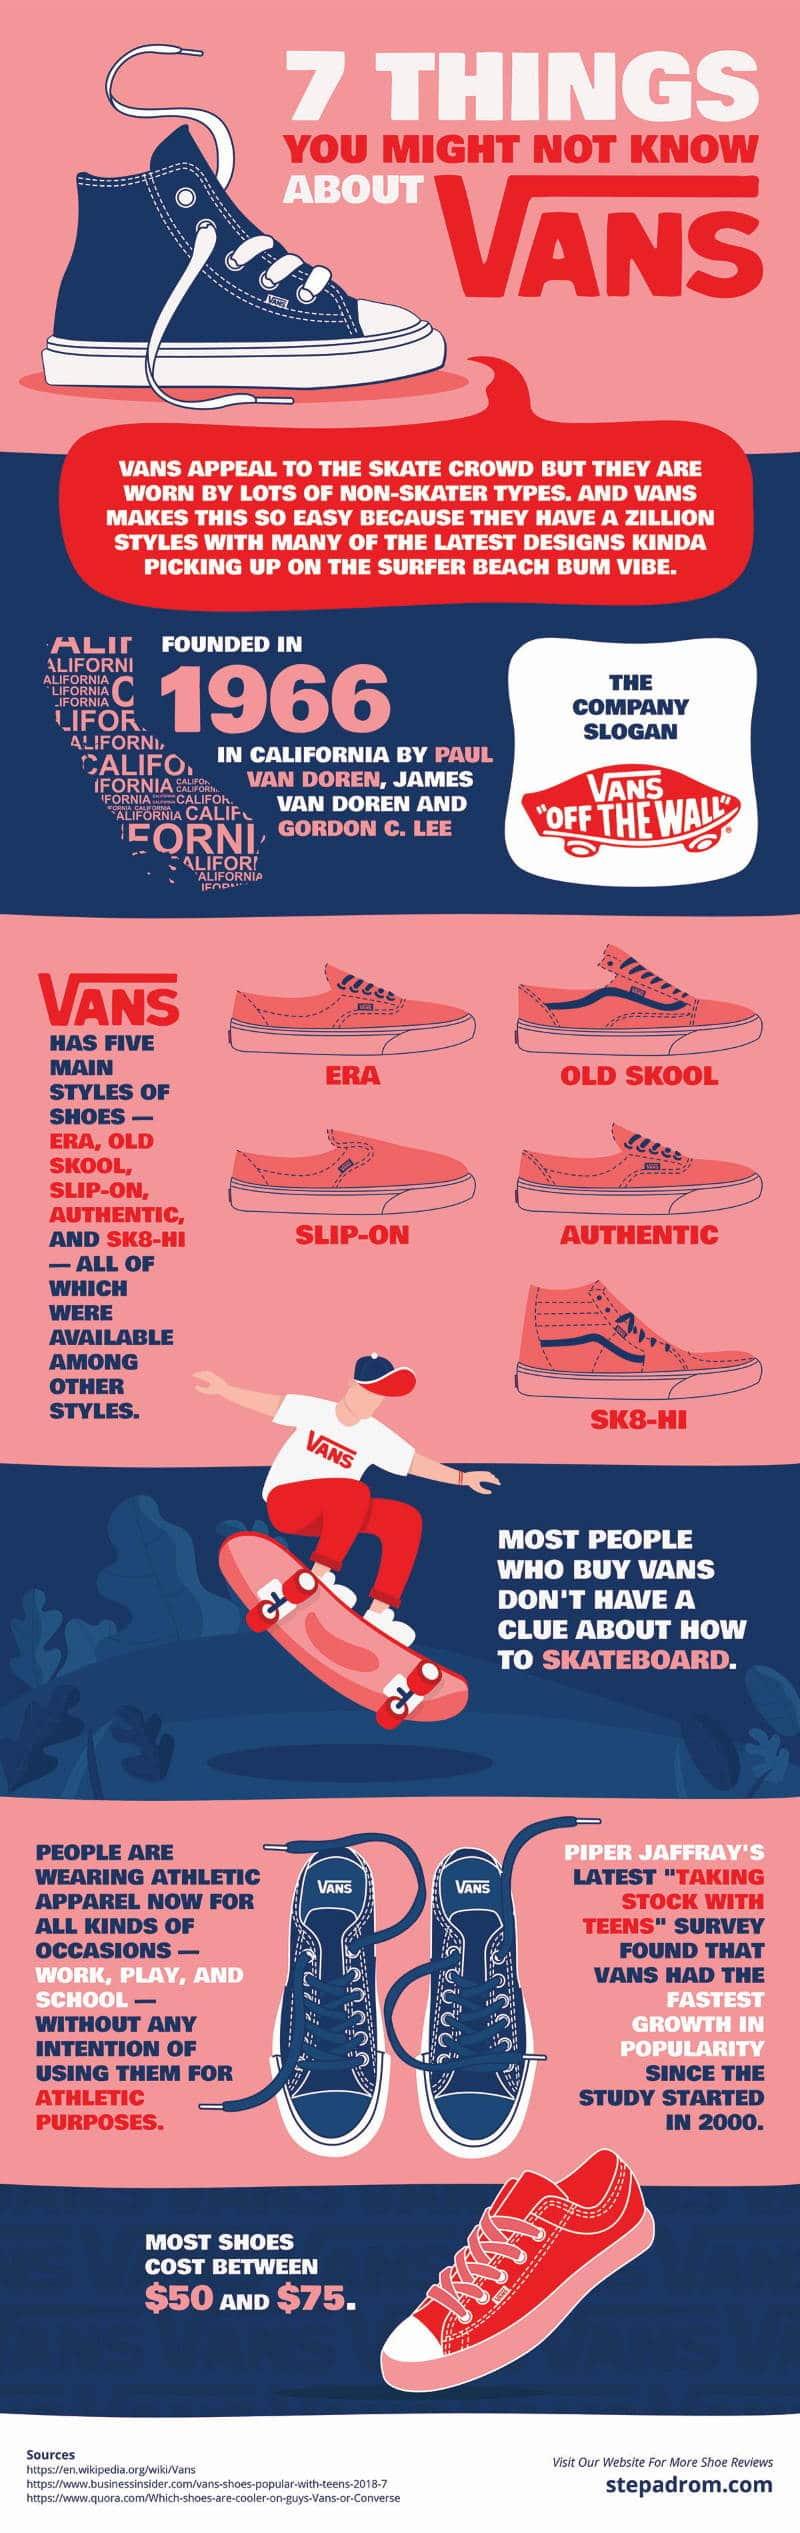 Vans Shoes Facts